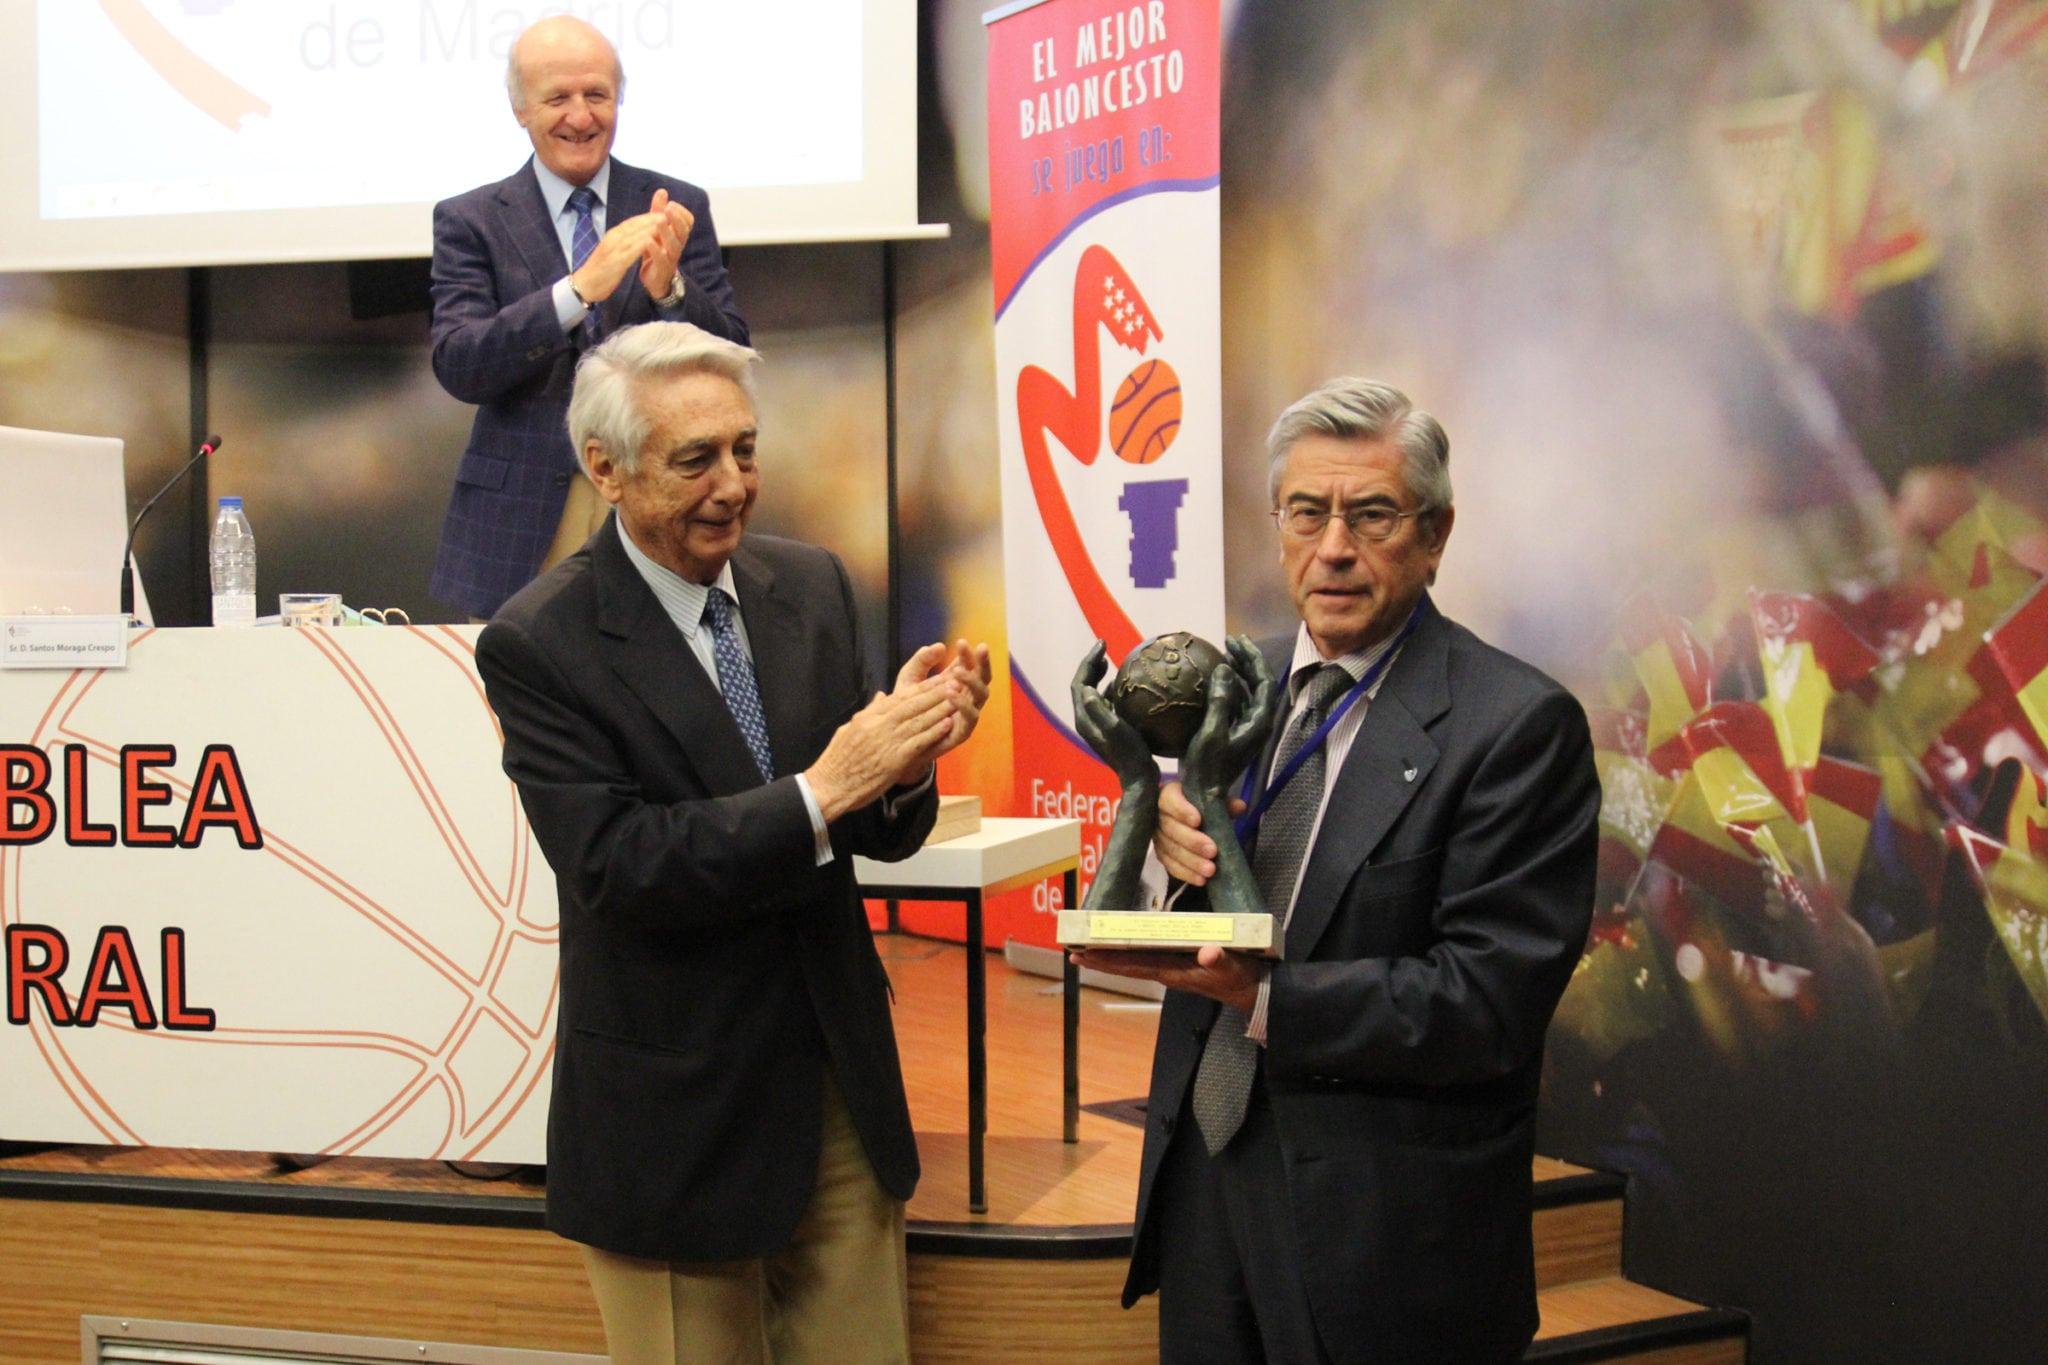 La Asamblea General de la FBM reconoce la trayectoria de Miguel Ángel Bufalá